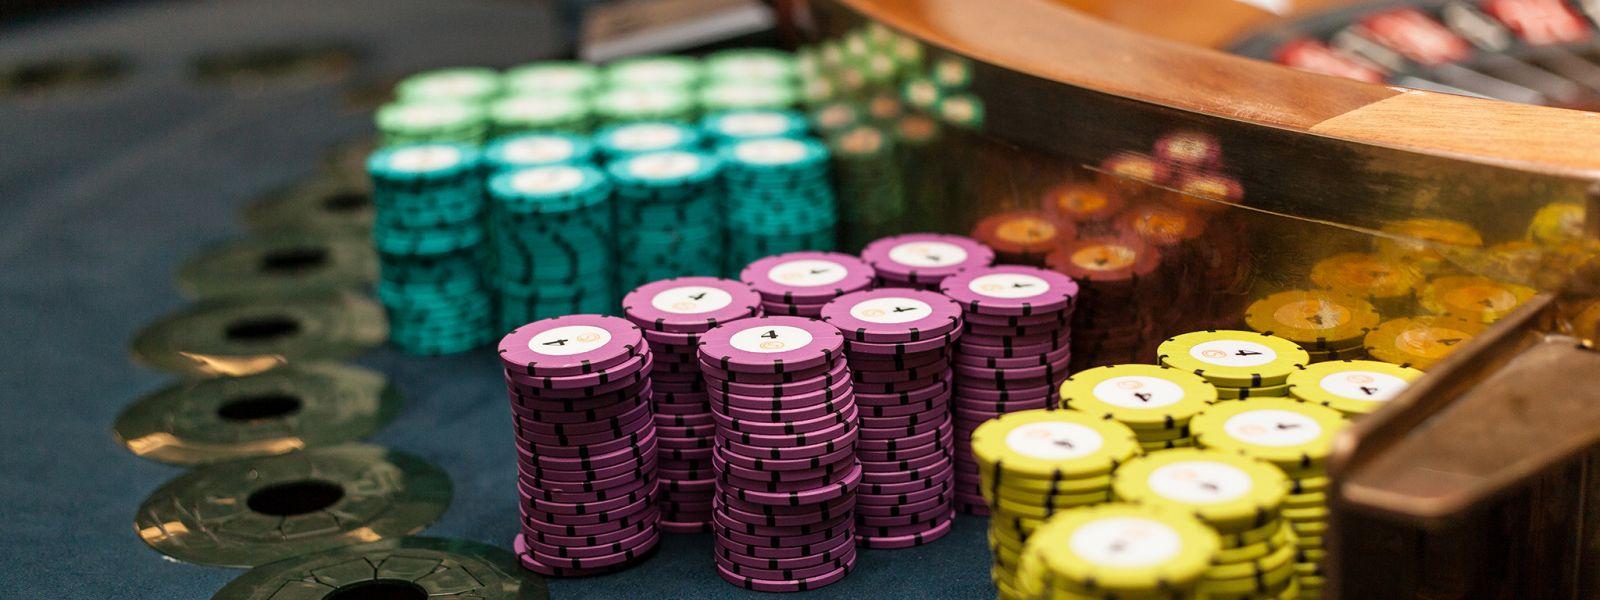 casino arrangements